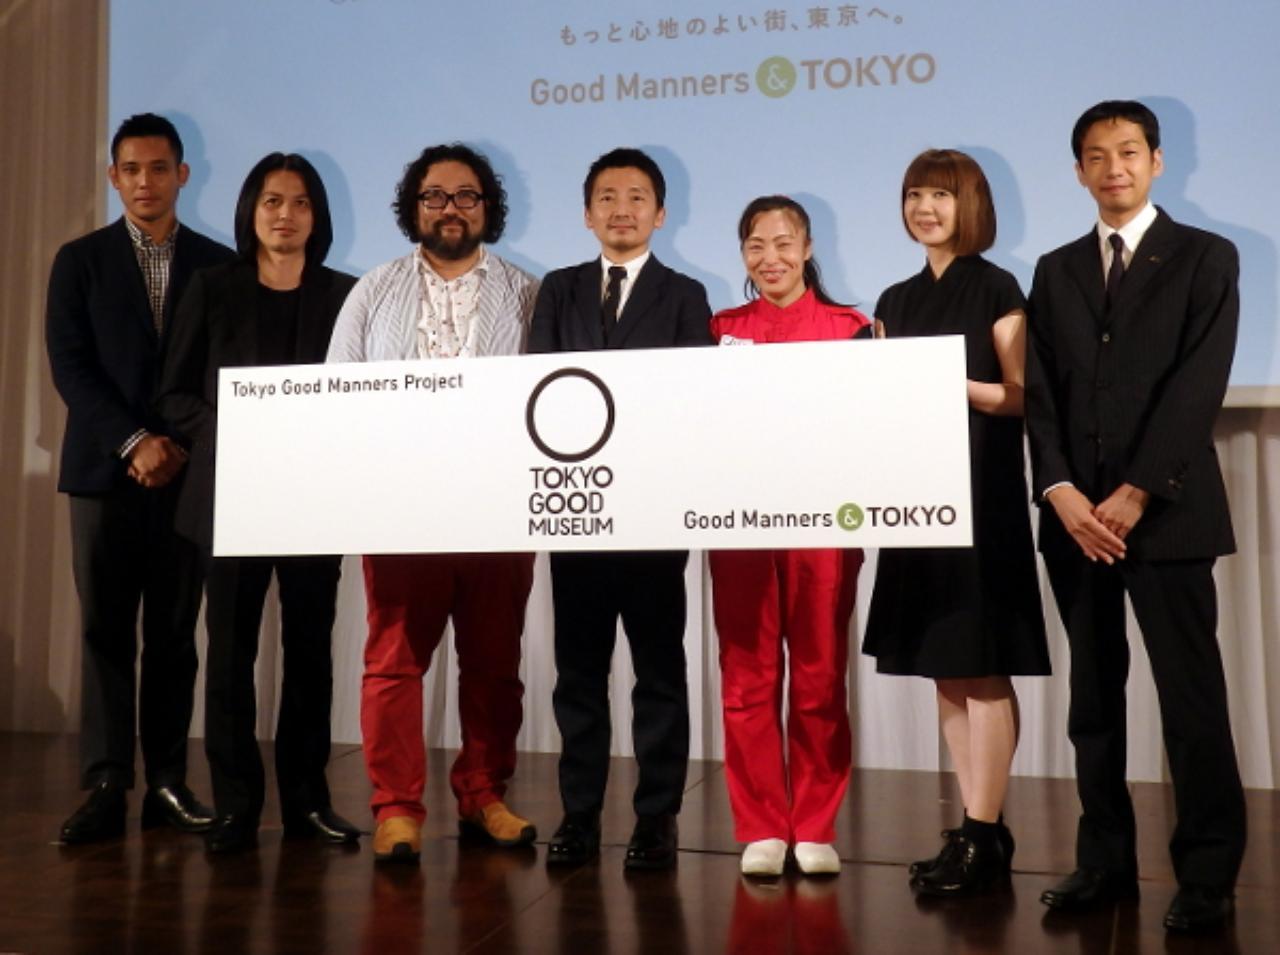 画像: 日本のマナーを国内外に発信する新プロジェクト始動